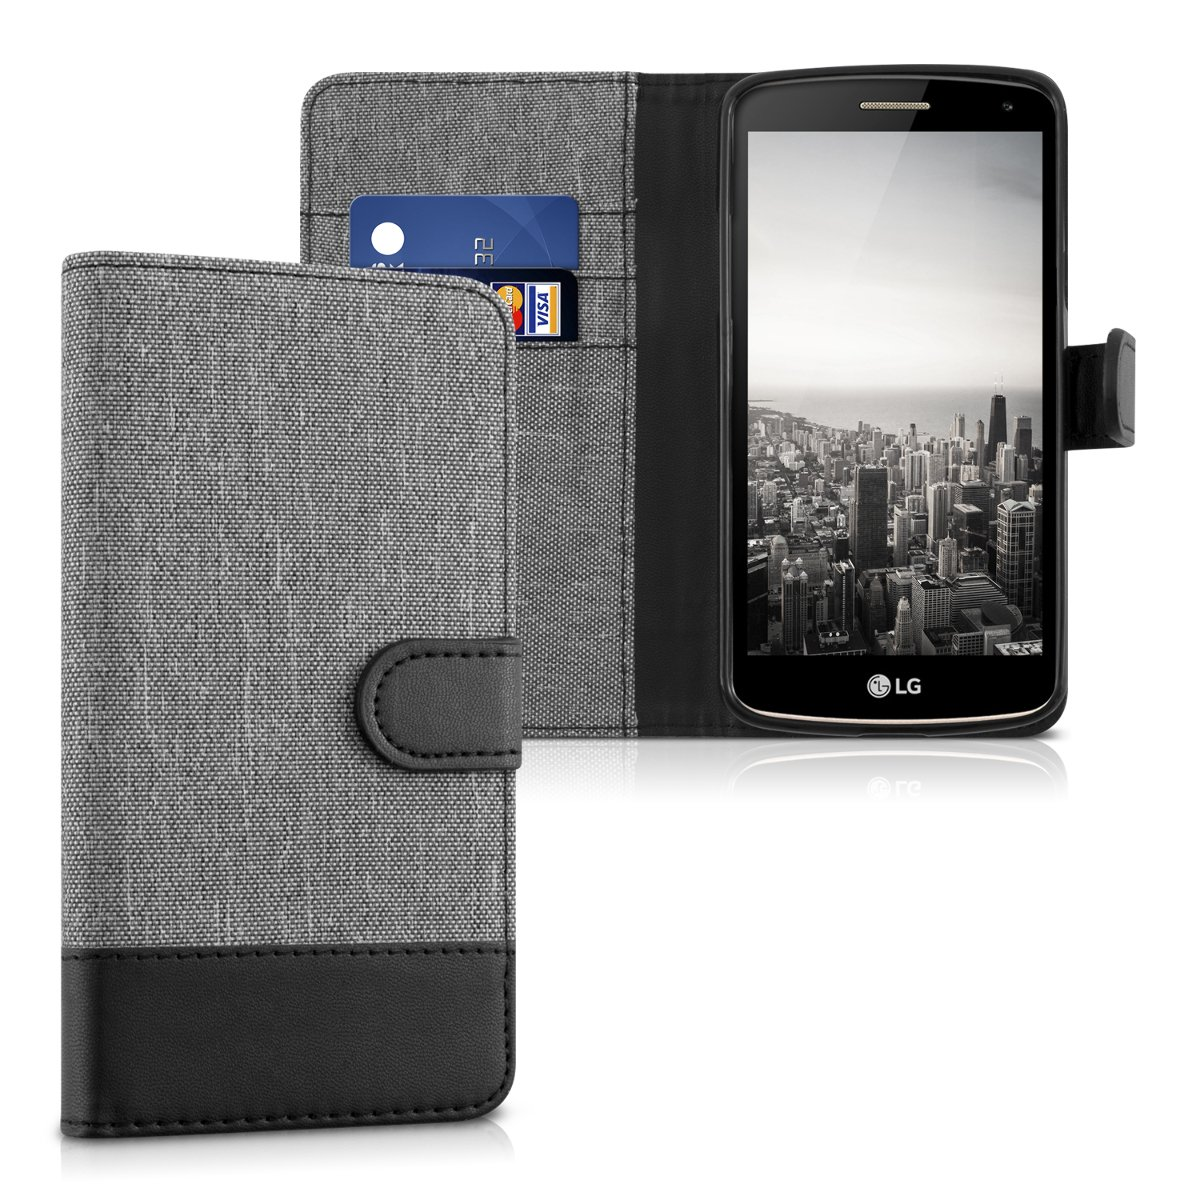 kwmobile Funda para LG K5 - Carcasa de Tela y [Cuero sintético] - con Tapa y [Tarjetero] [Gris/Negro]